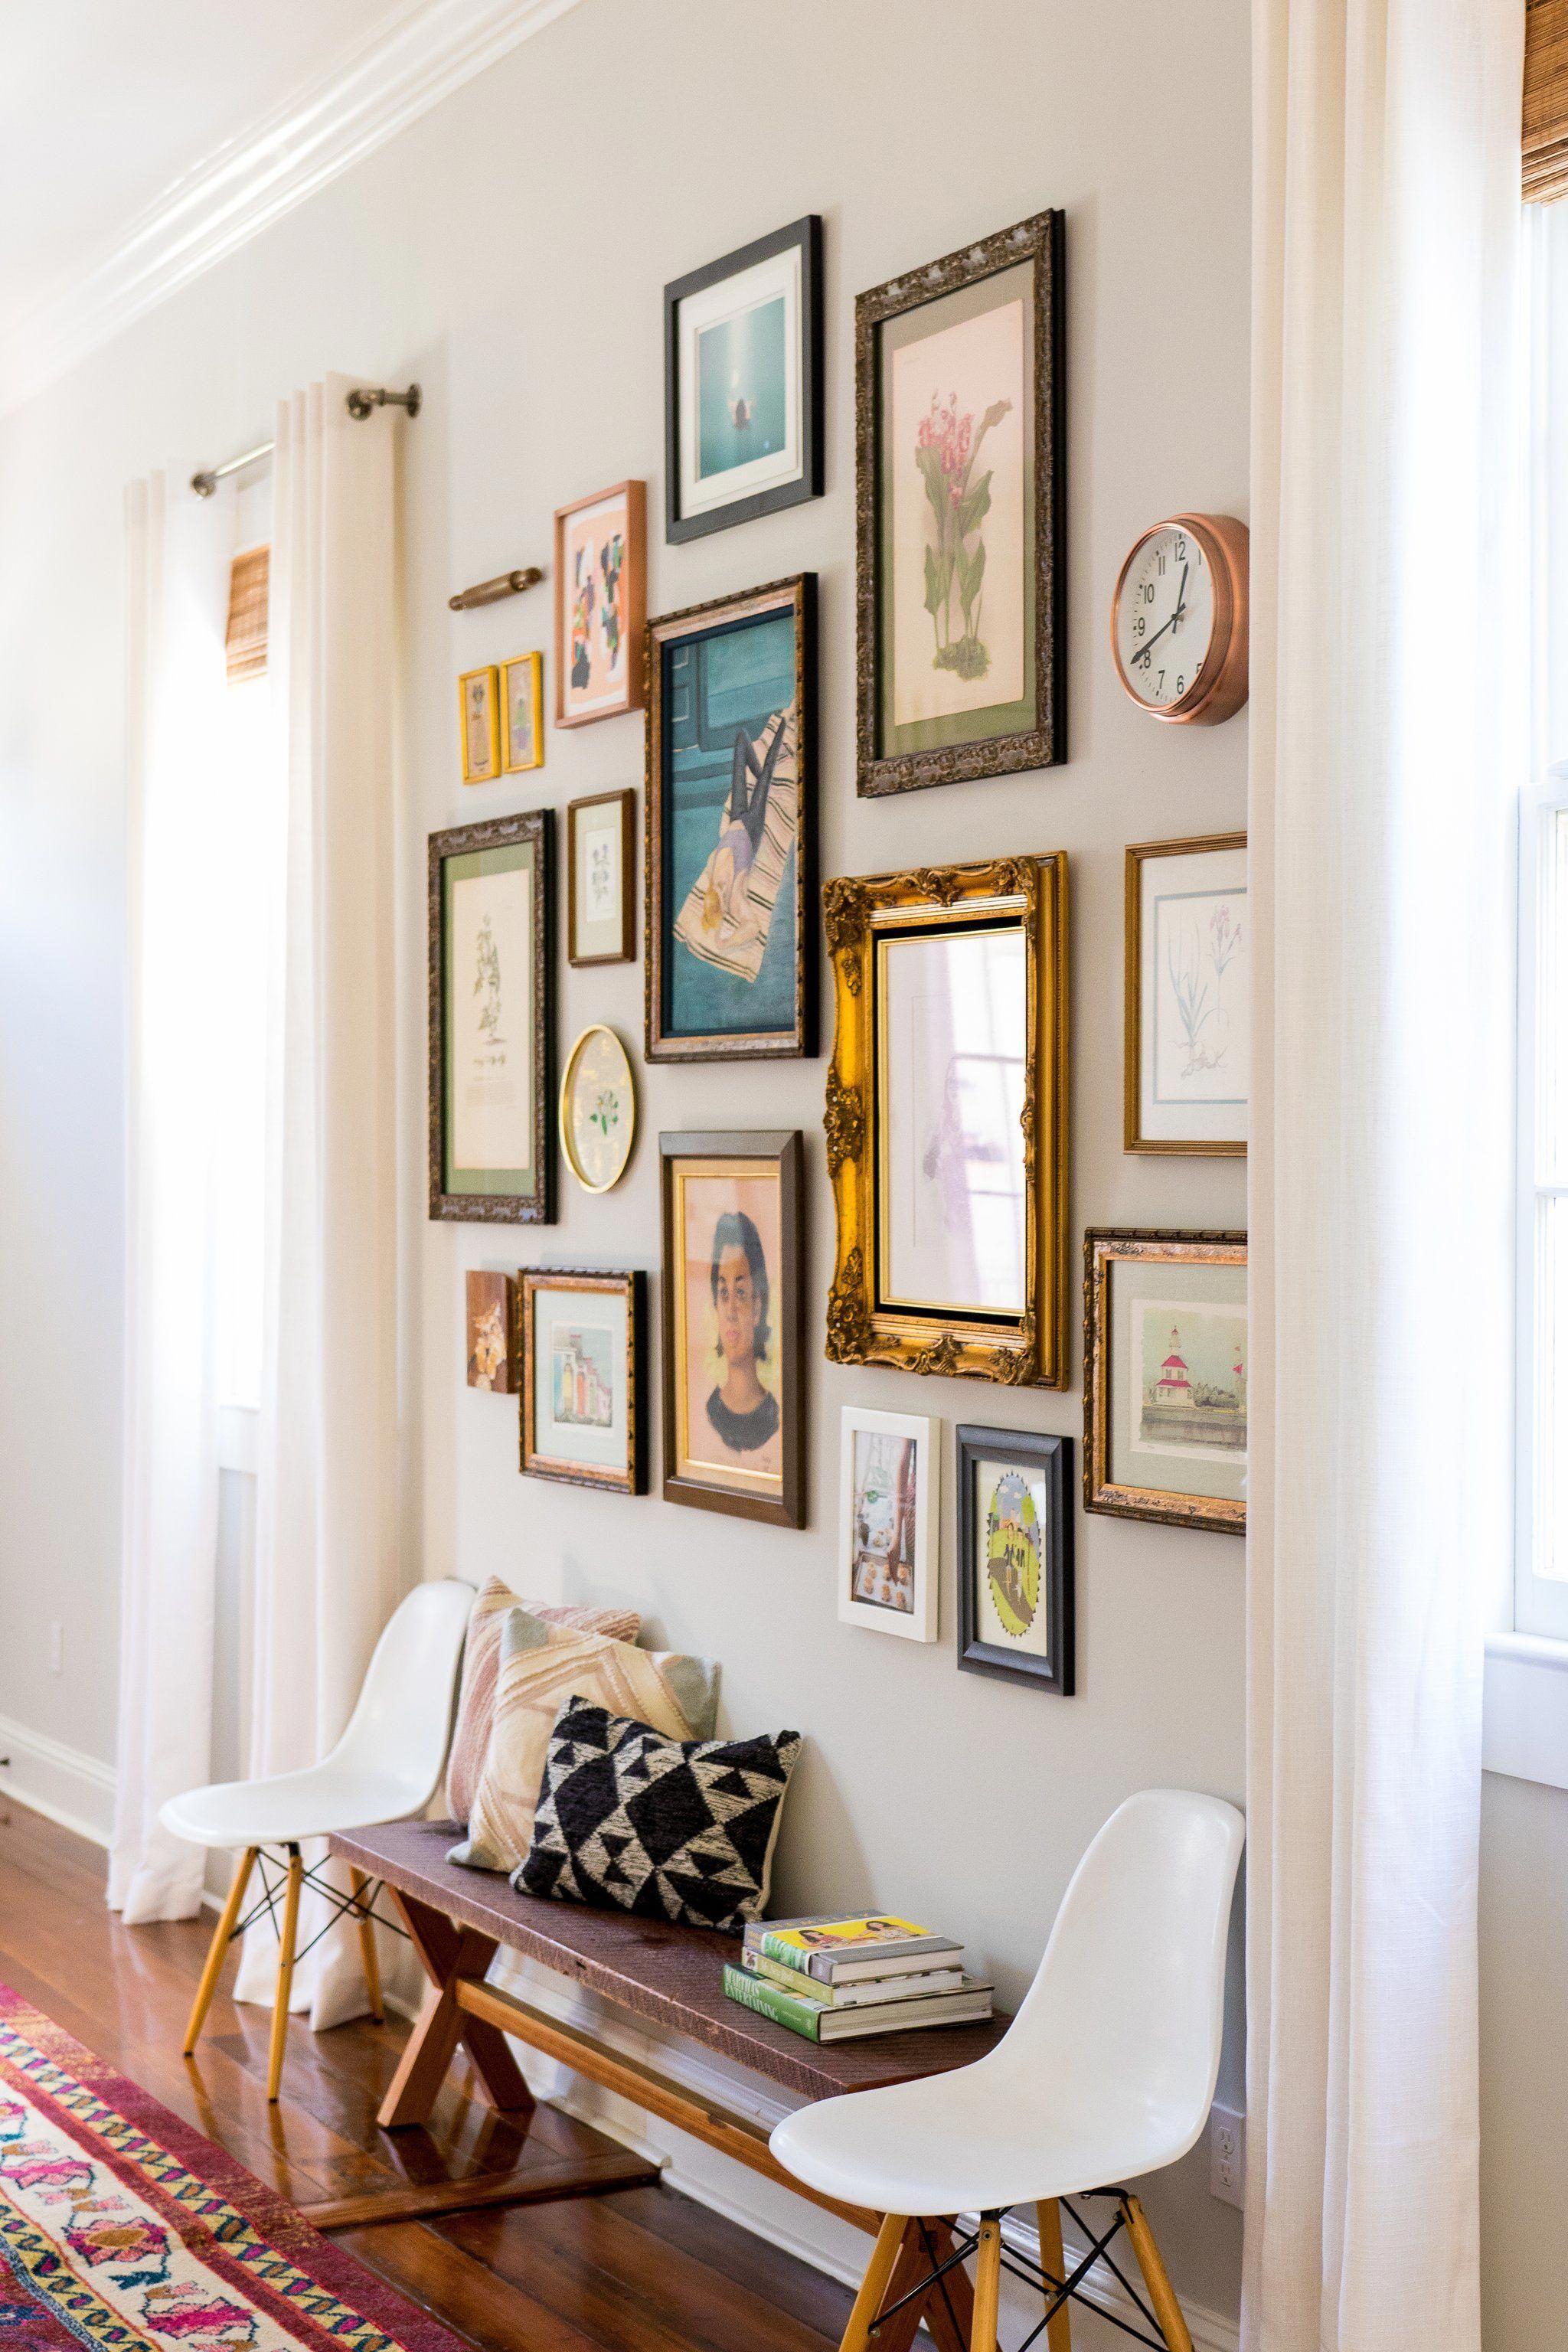 Art en 17  Idée de décoration, Decoration salon, Idee salon